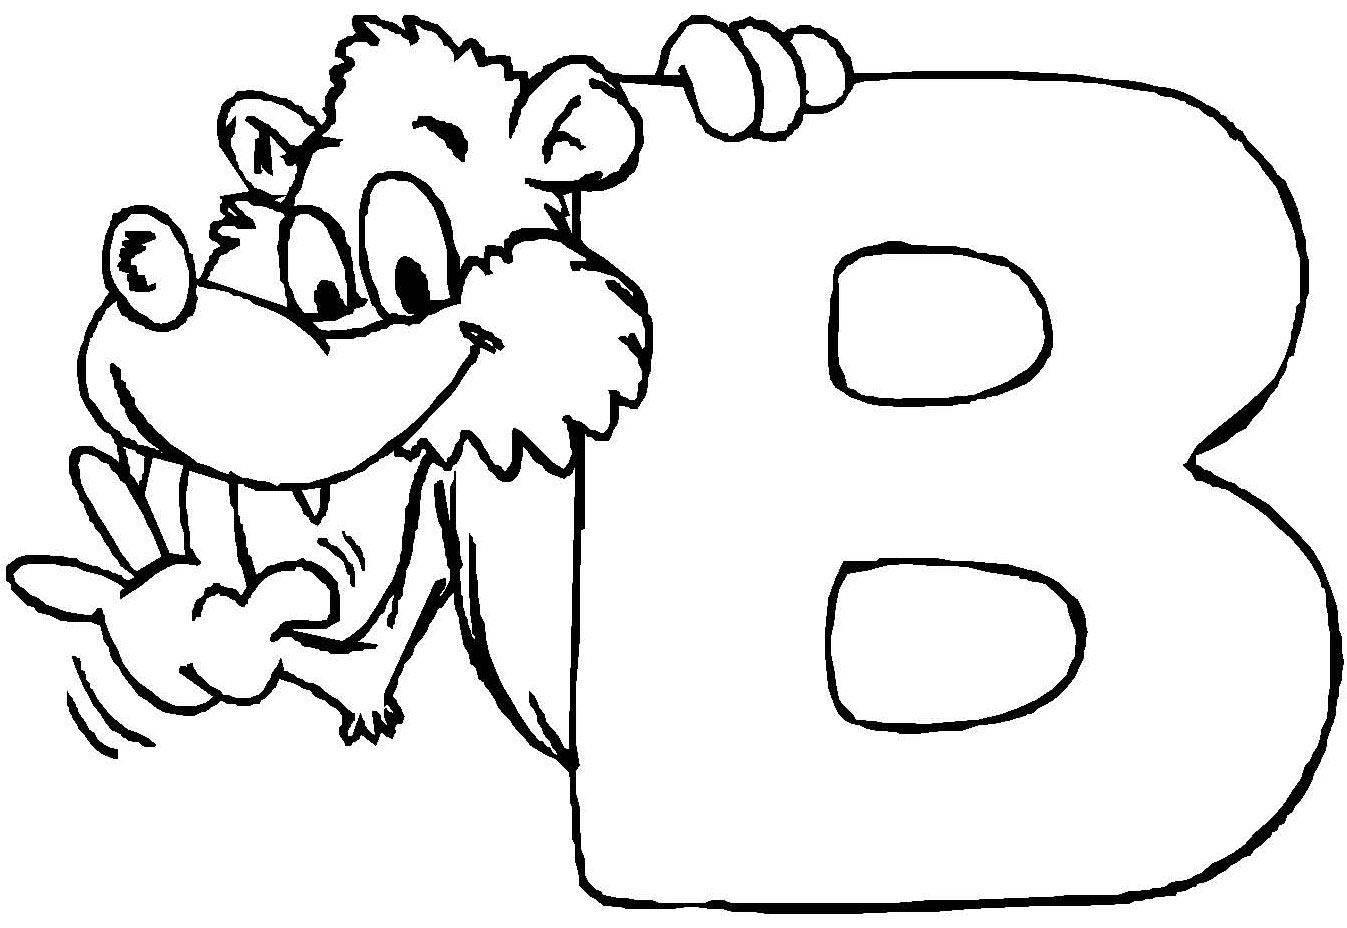 kostenlose malvorlage buchstaben lernen tierschrift b zum ausmalen. Black Bedroom Furniture Sets. Home Design Ideas